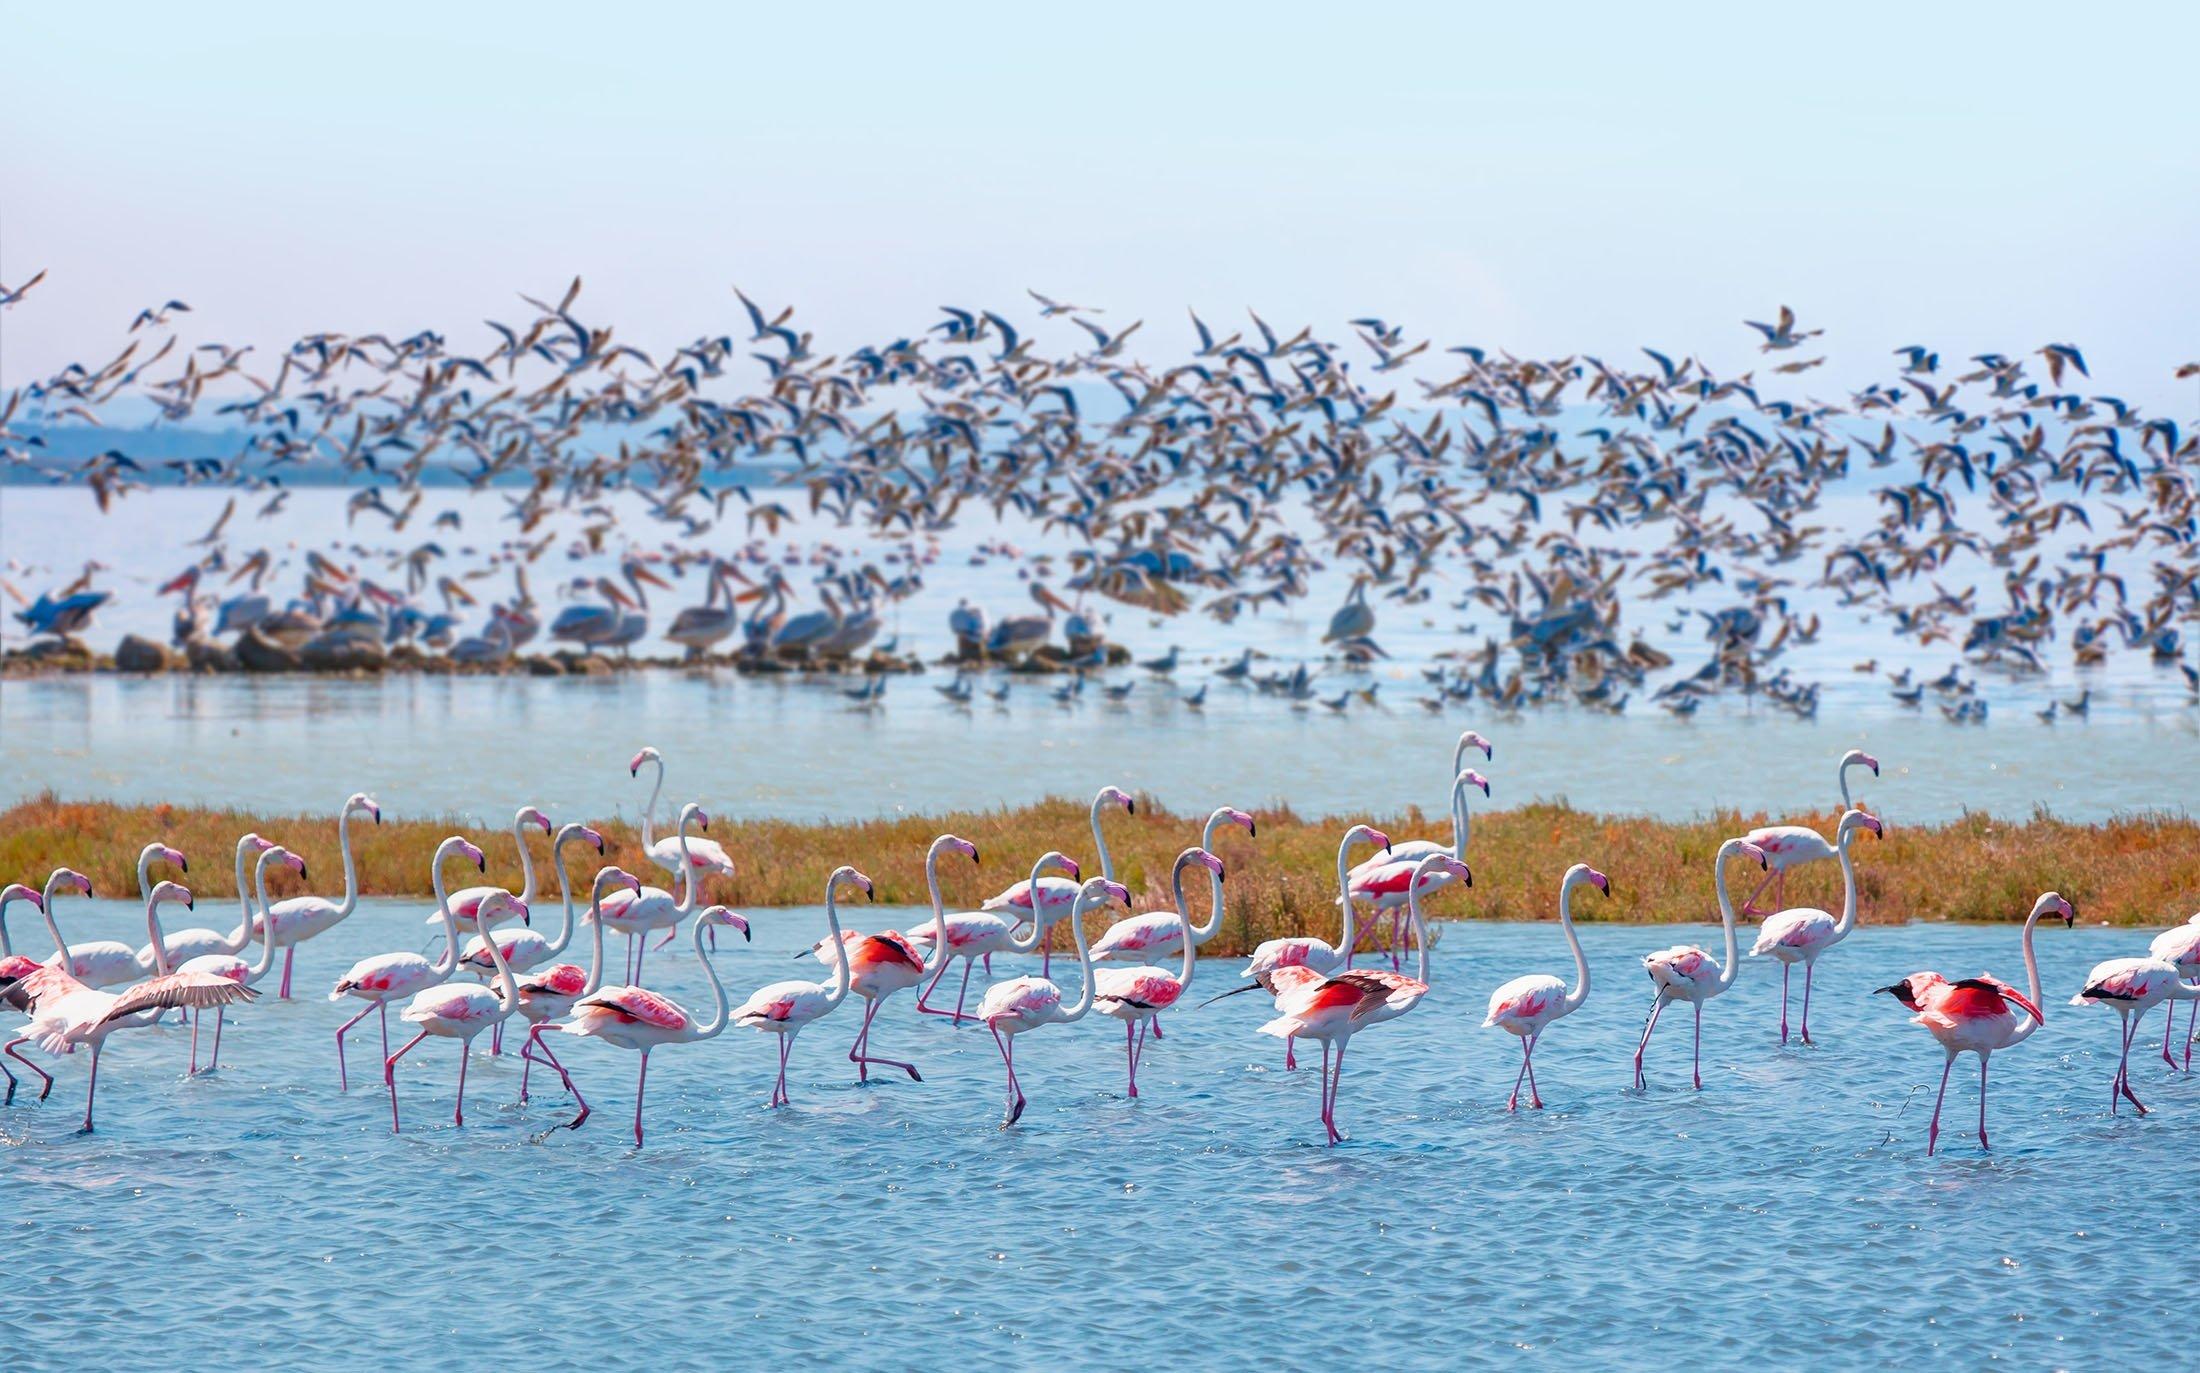 Türkiye'nin kuzeybatısındaki Balzac bölgesindeki Manyas Kuş Cenneti Milli Parkı binlerce göçmen kuşa ev sahipliği yapıyor.  (Shutterstock fotoğrafı)